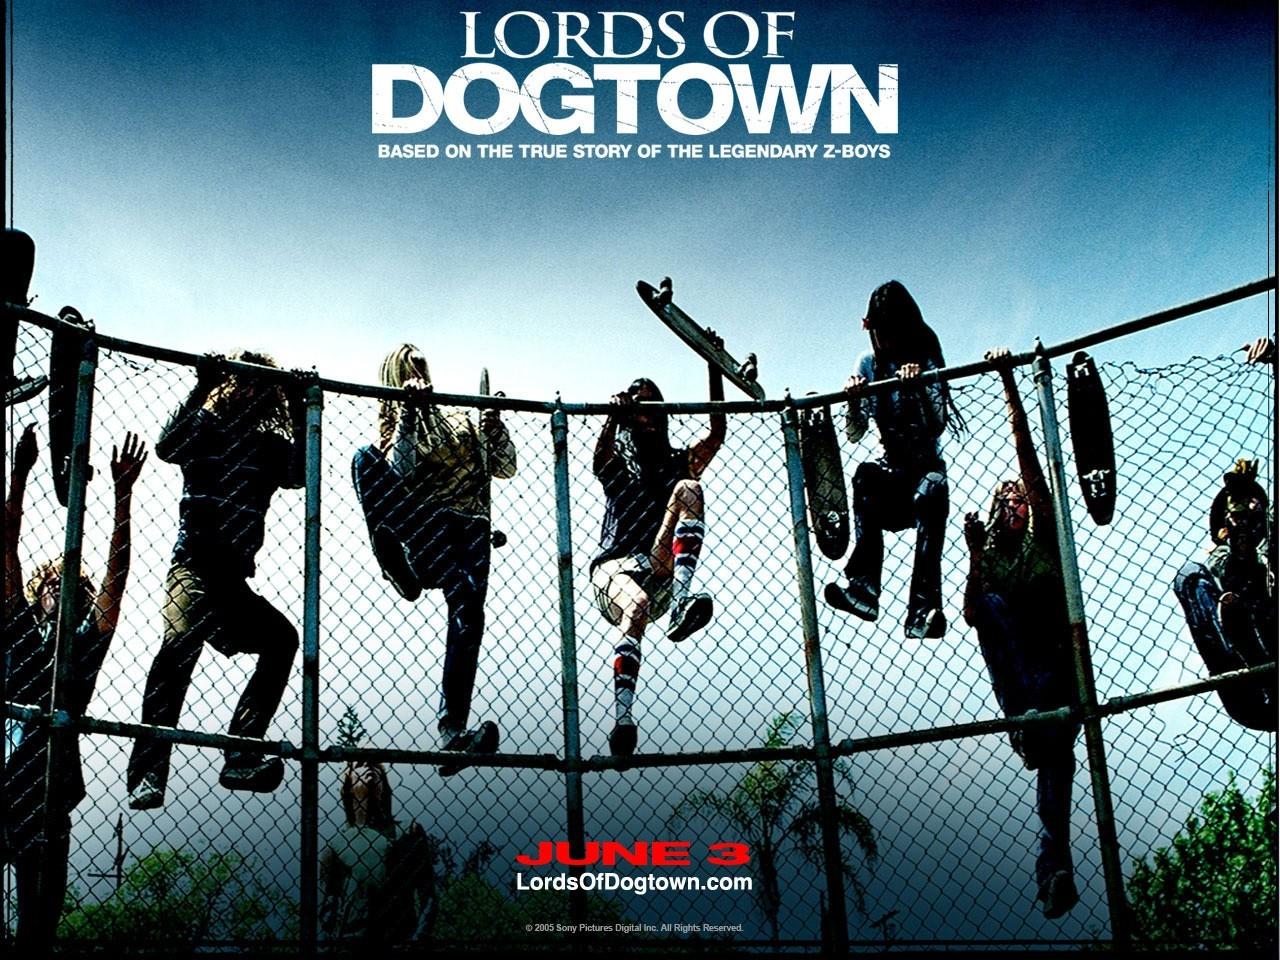 Un suggestivo wallpaper del film Lords of Dogtown